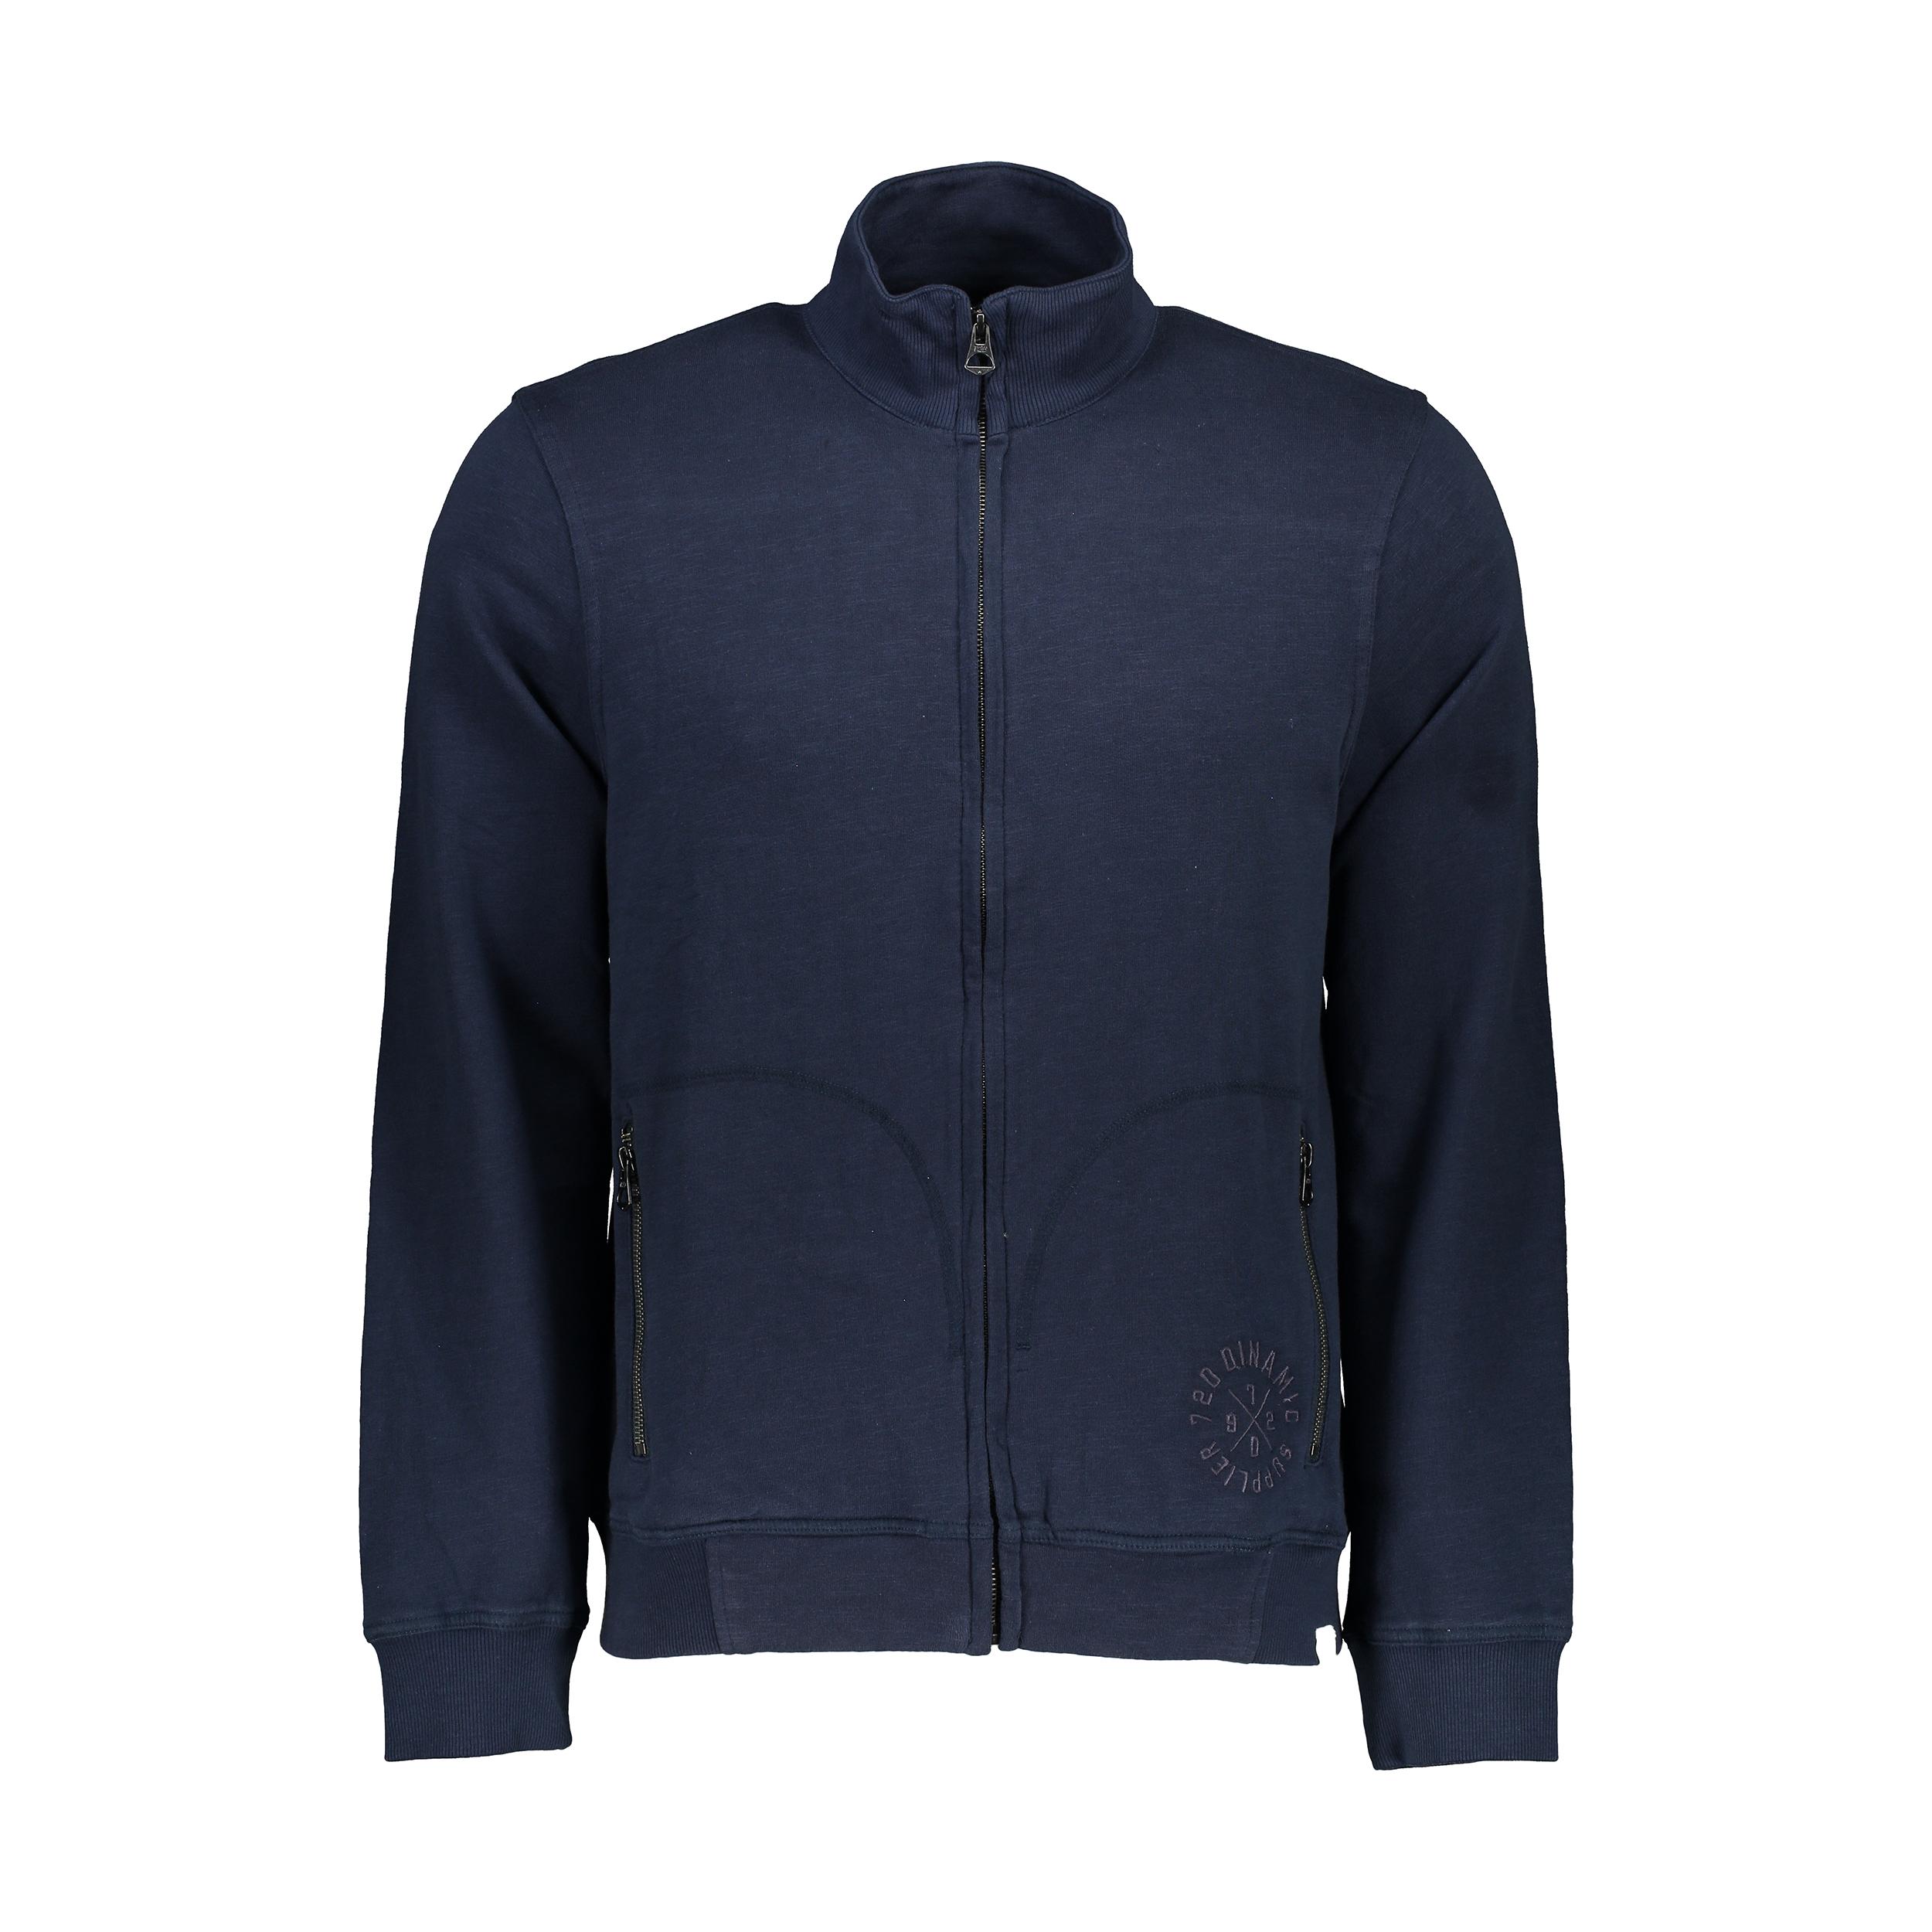 سویشرت مردانه یو وی اس مدل 006483537-BLUE